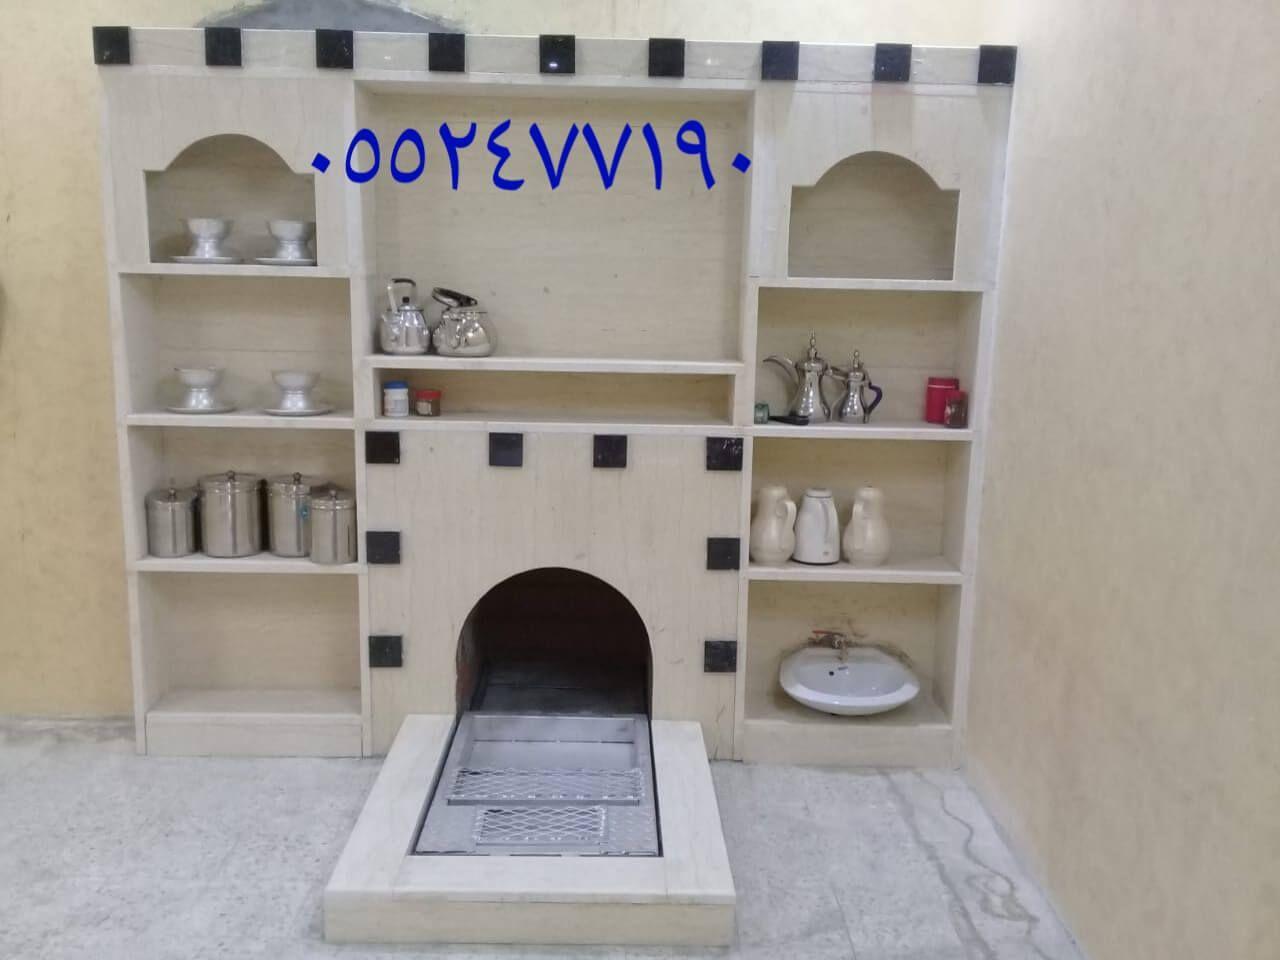 تصميم مشبات جديدة صور مشبات صور مشبات حجر مشبات حديد ديكور مشبات Bookcase Home Decor Home